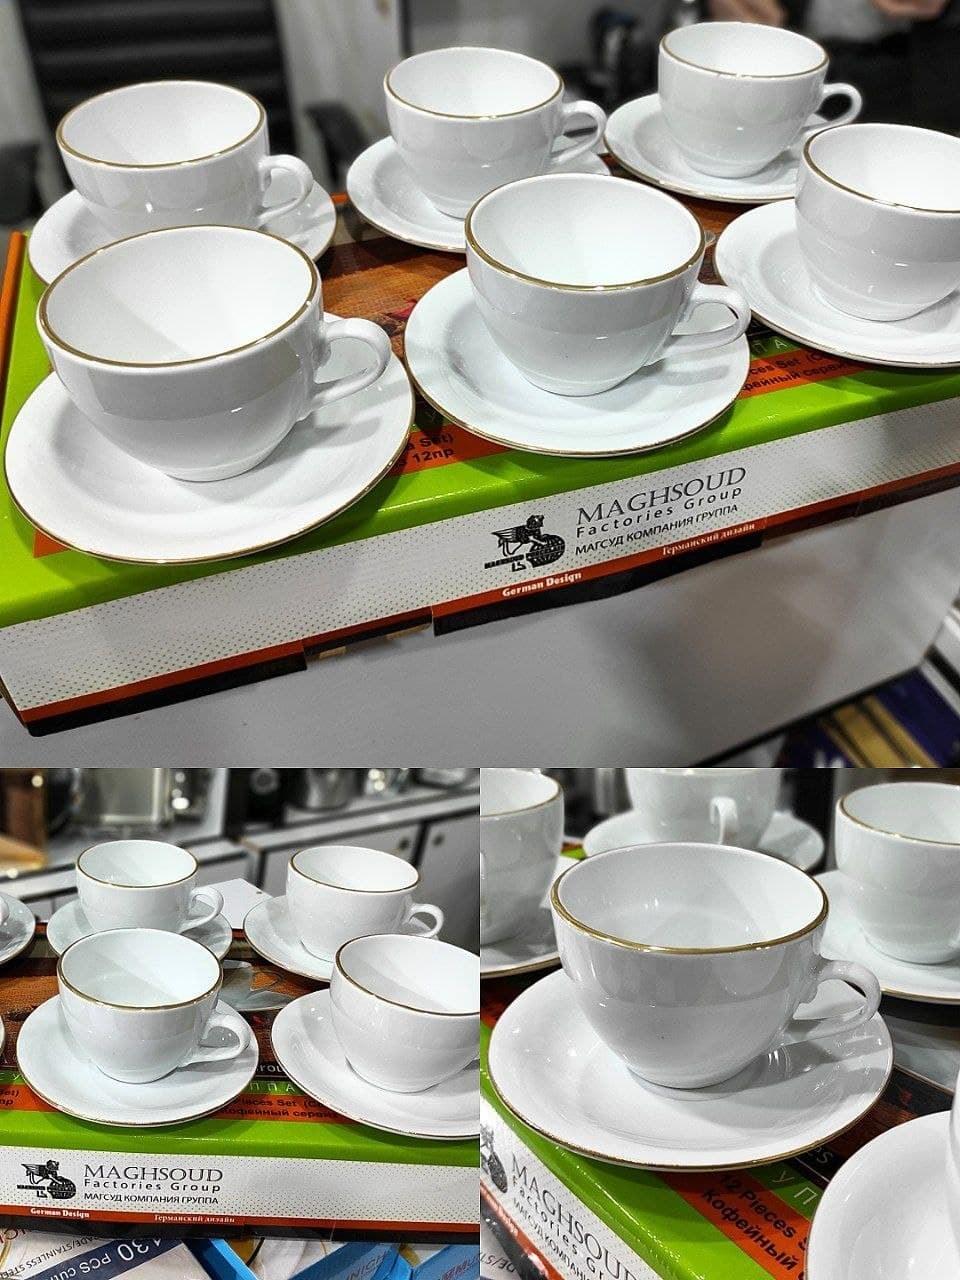 تصویر فنجان و نعلبکی چایی خوری مقصود